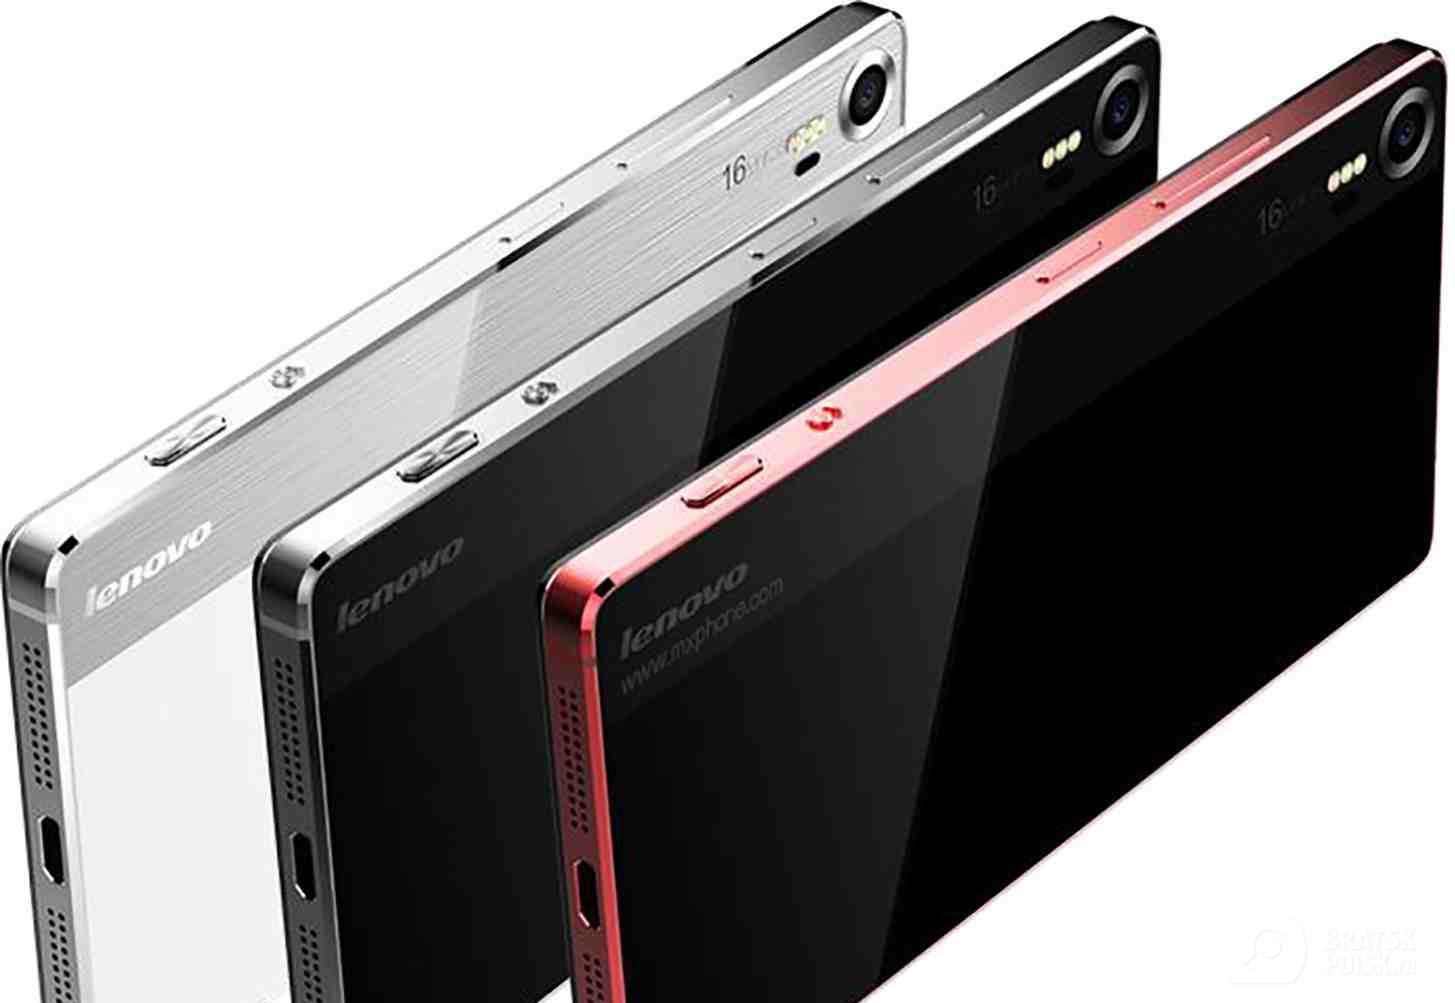 7 лучших смартфонов в металлическом корпусе по мнению специалистов